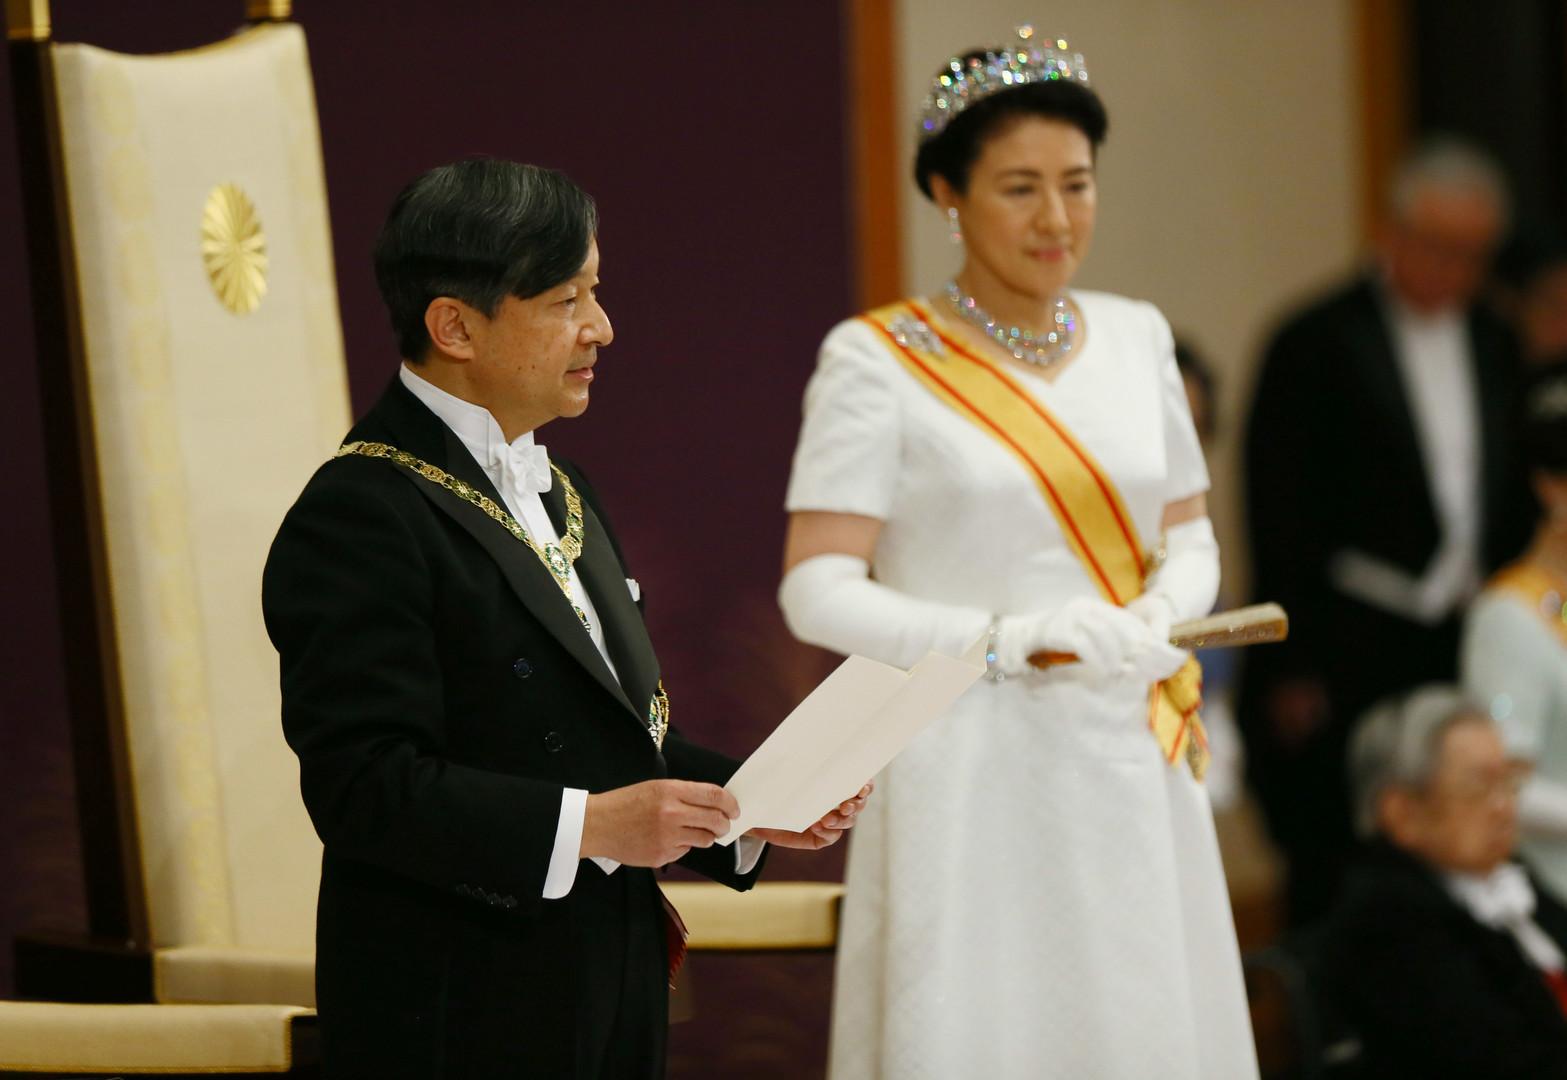 الإمبراطور ناروهيتو يعتلي عرش اليابان بعد نزول أبيه